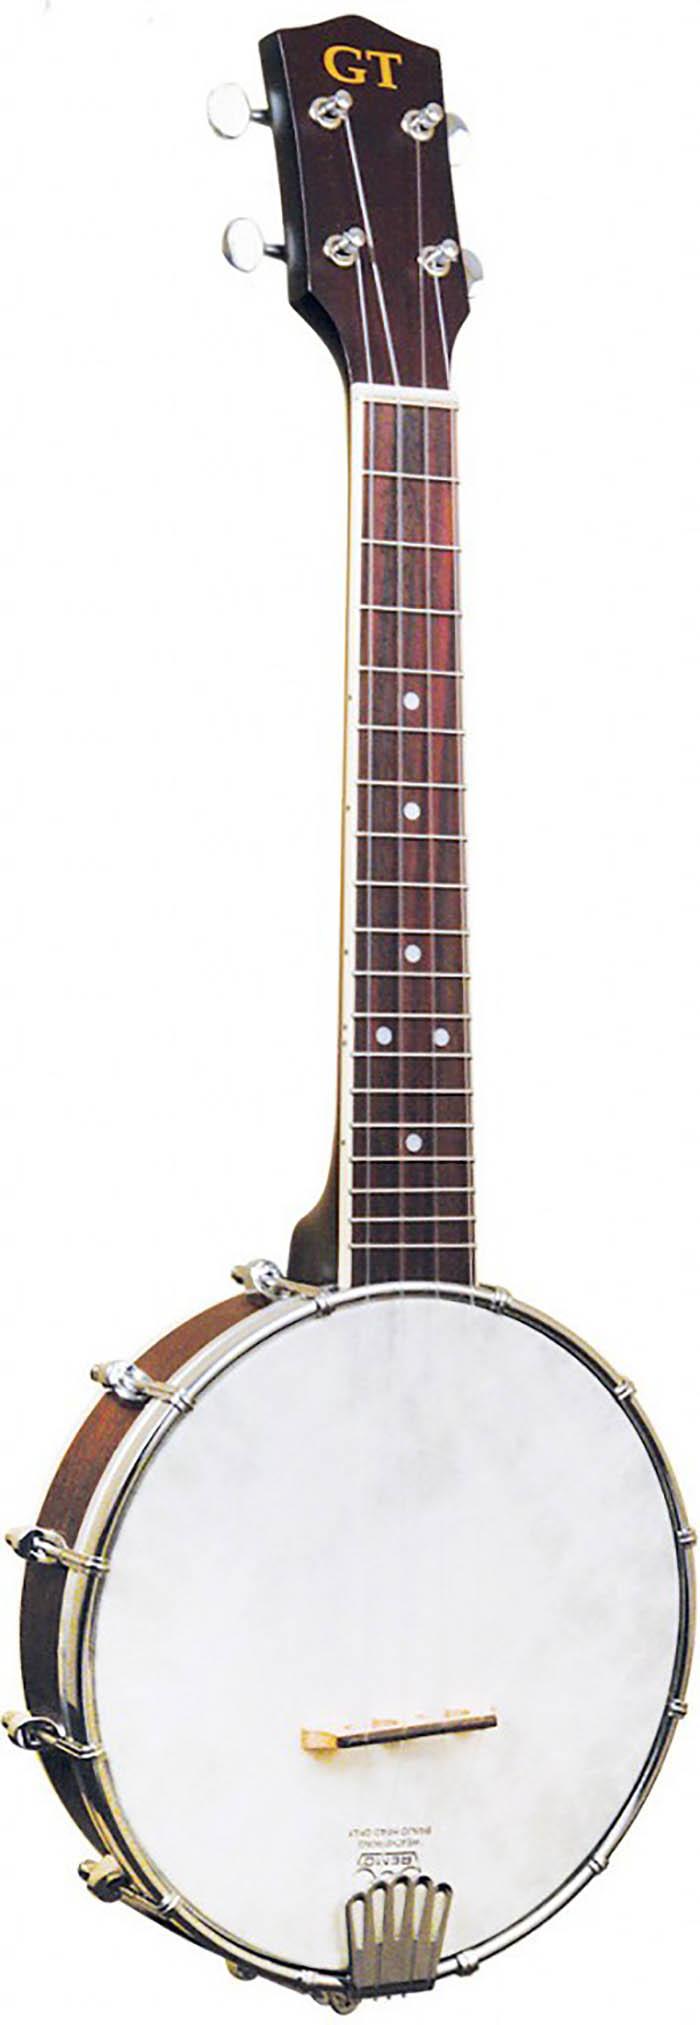 4 String Open Back Concert BanjoUkulele with Pickup and Bag